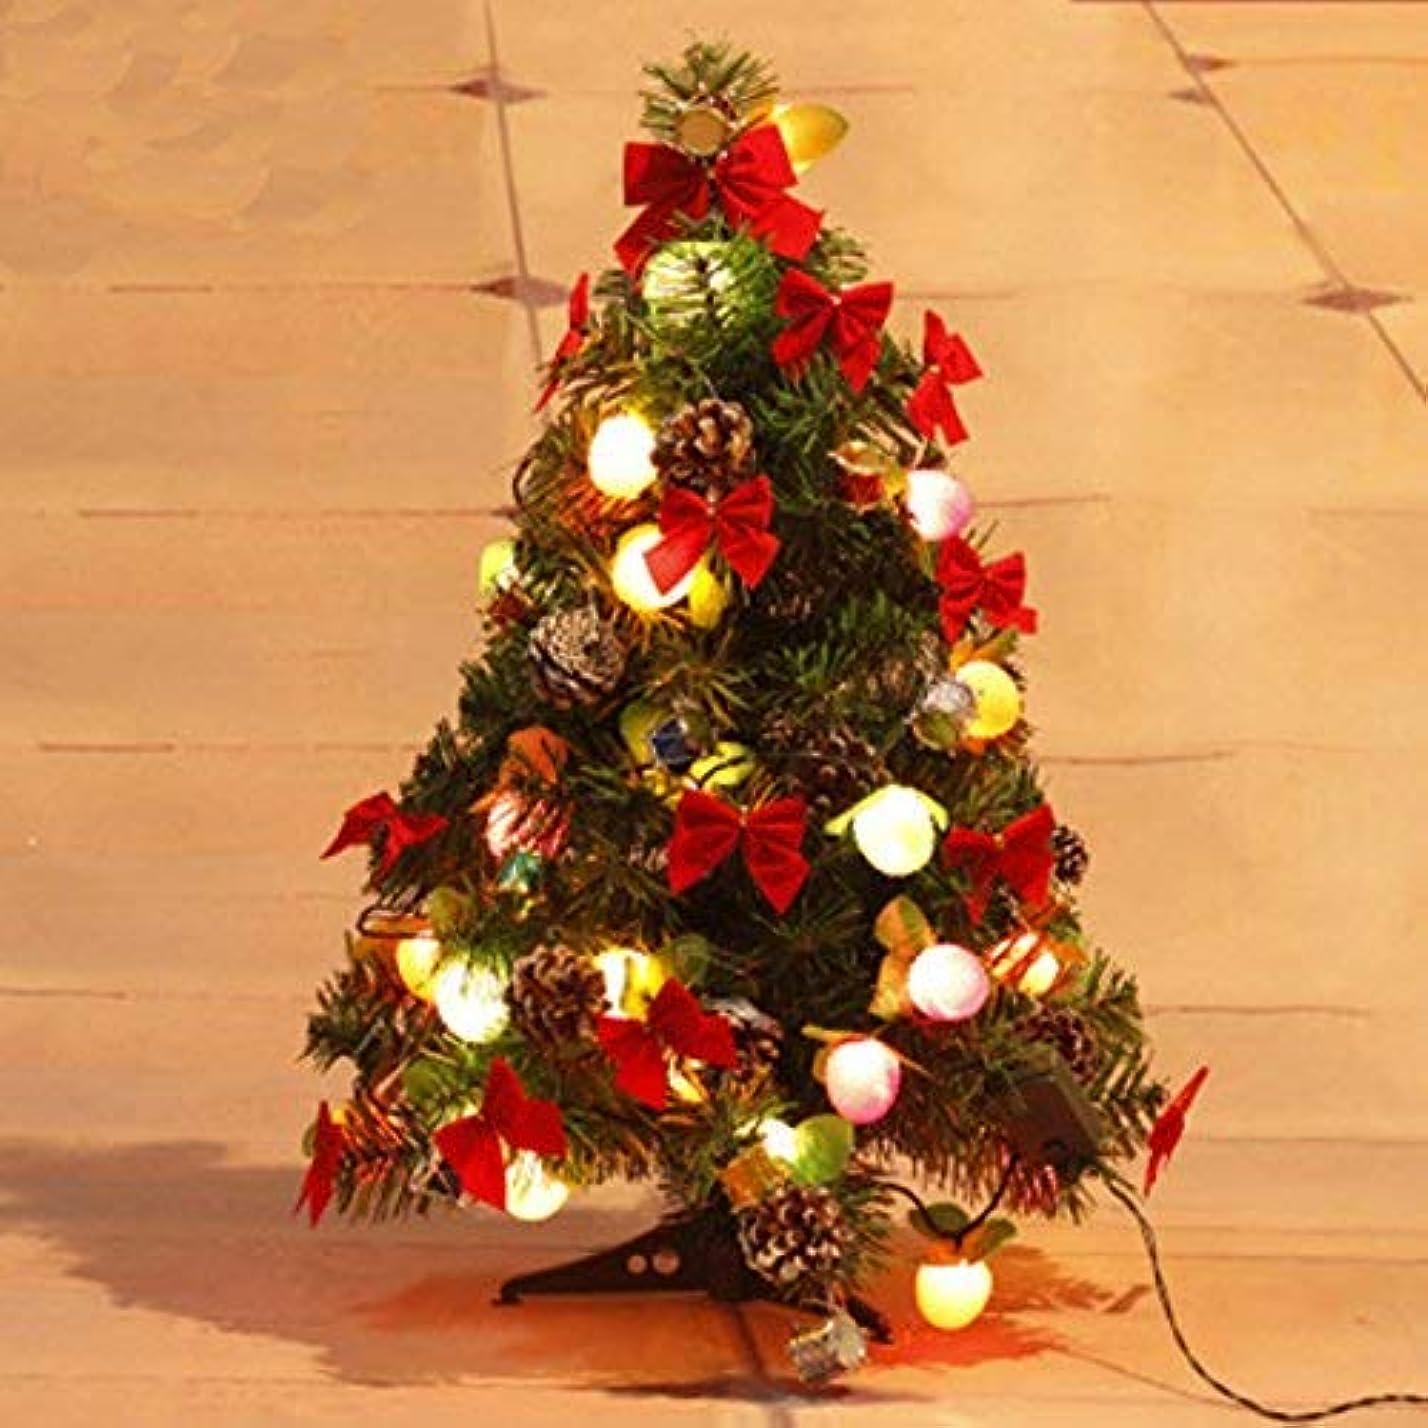 ピクニックをする国歌決済Y-Step 卓上 クリスマスツリーセット 可愛いクリスマスツリー おしゃれ クリスマス3m電球、レッド蝶結びや雪の結晶付き DIY クリスマスツリー クリスマス雰囲気たっぷり